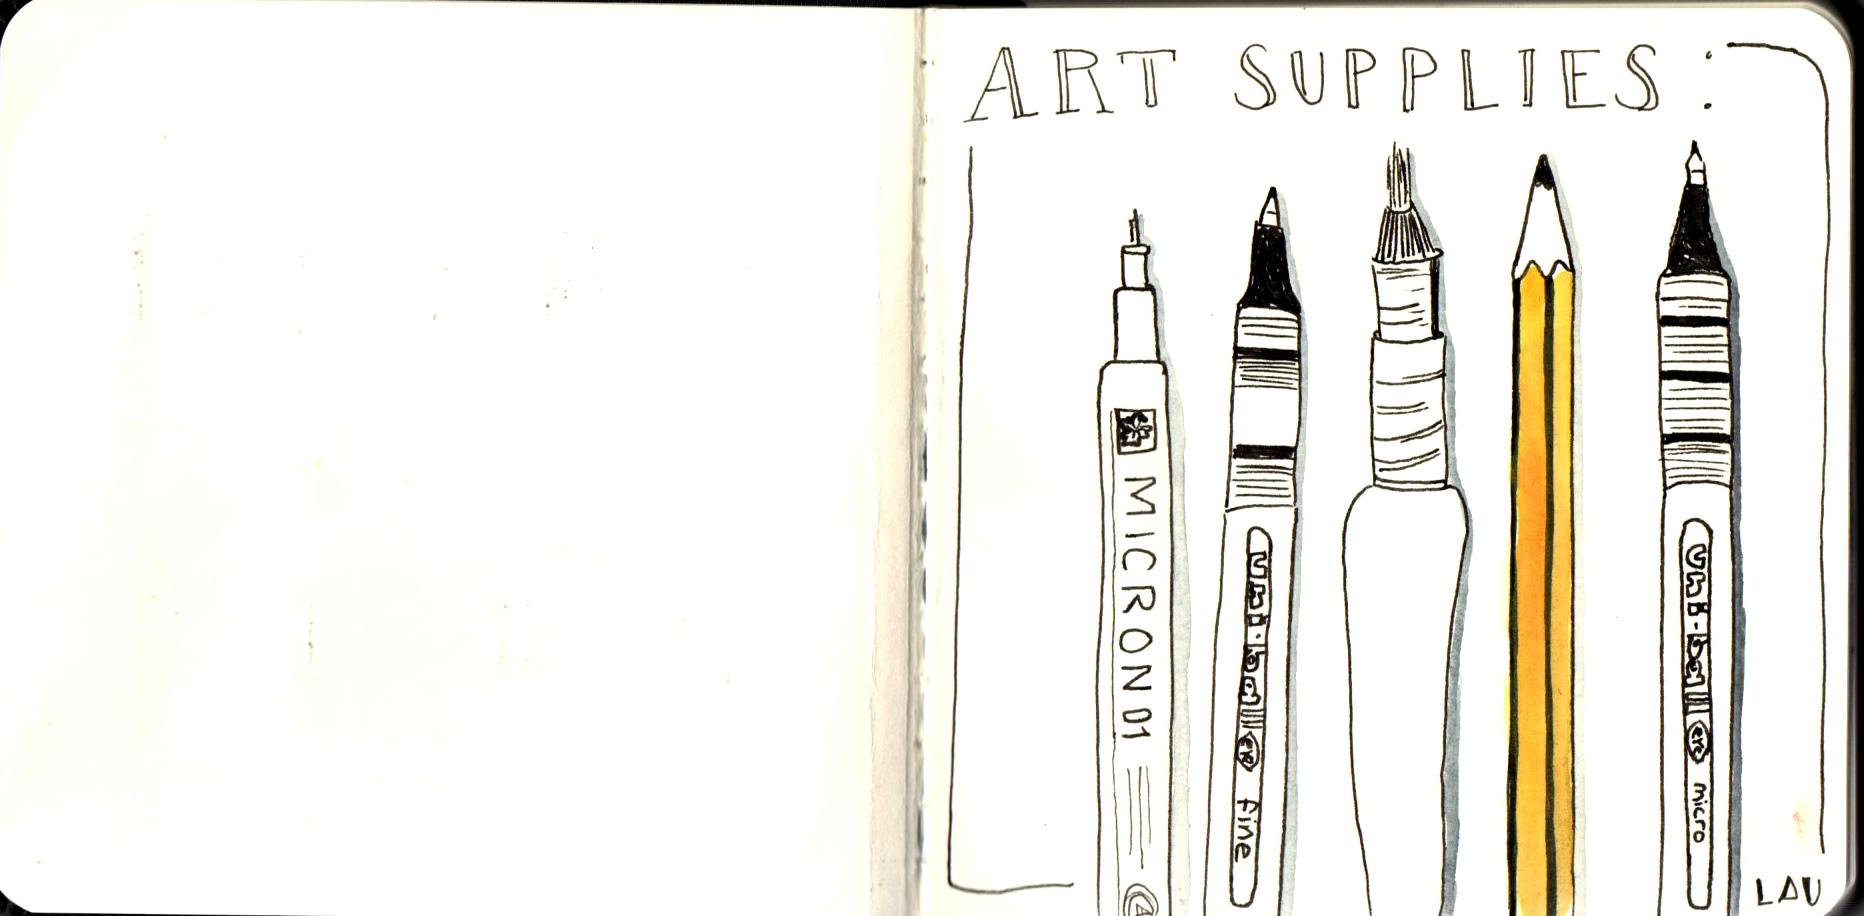 Dreamit Drawit Doit 2 Laurien Baart